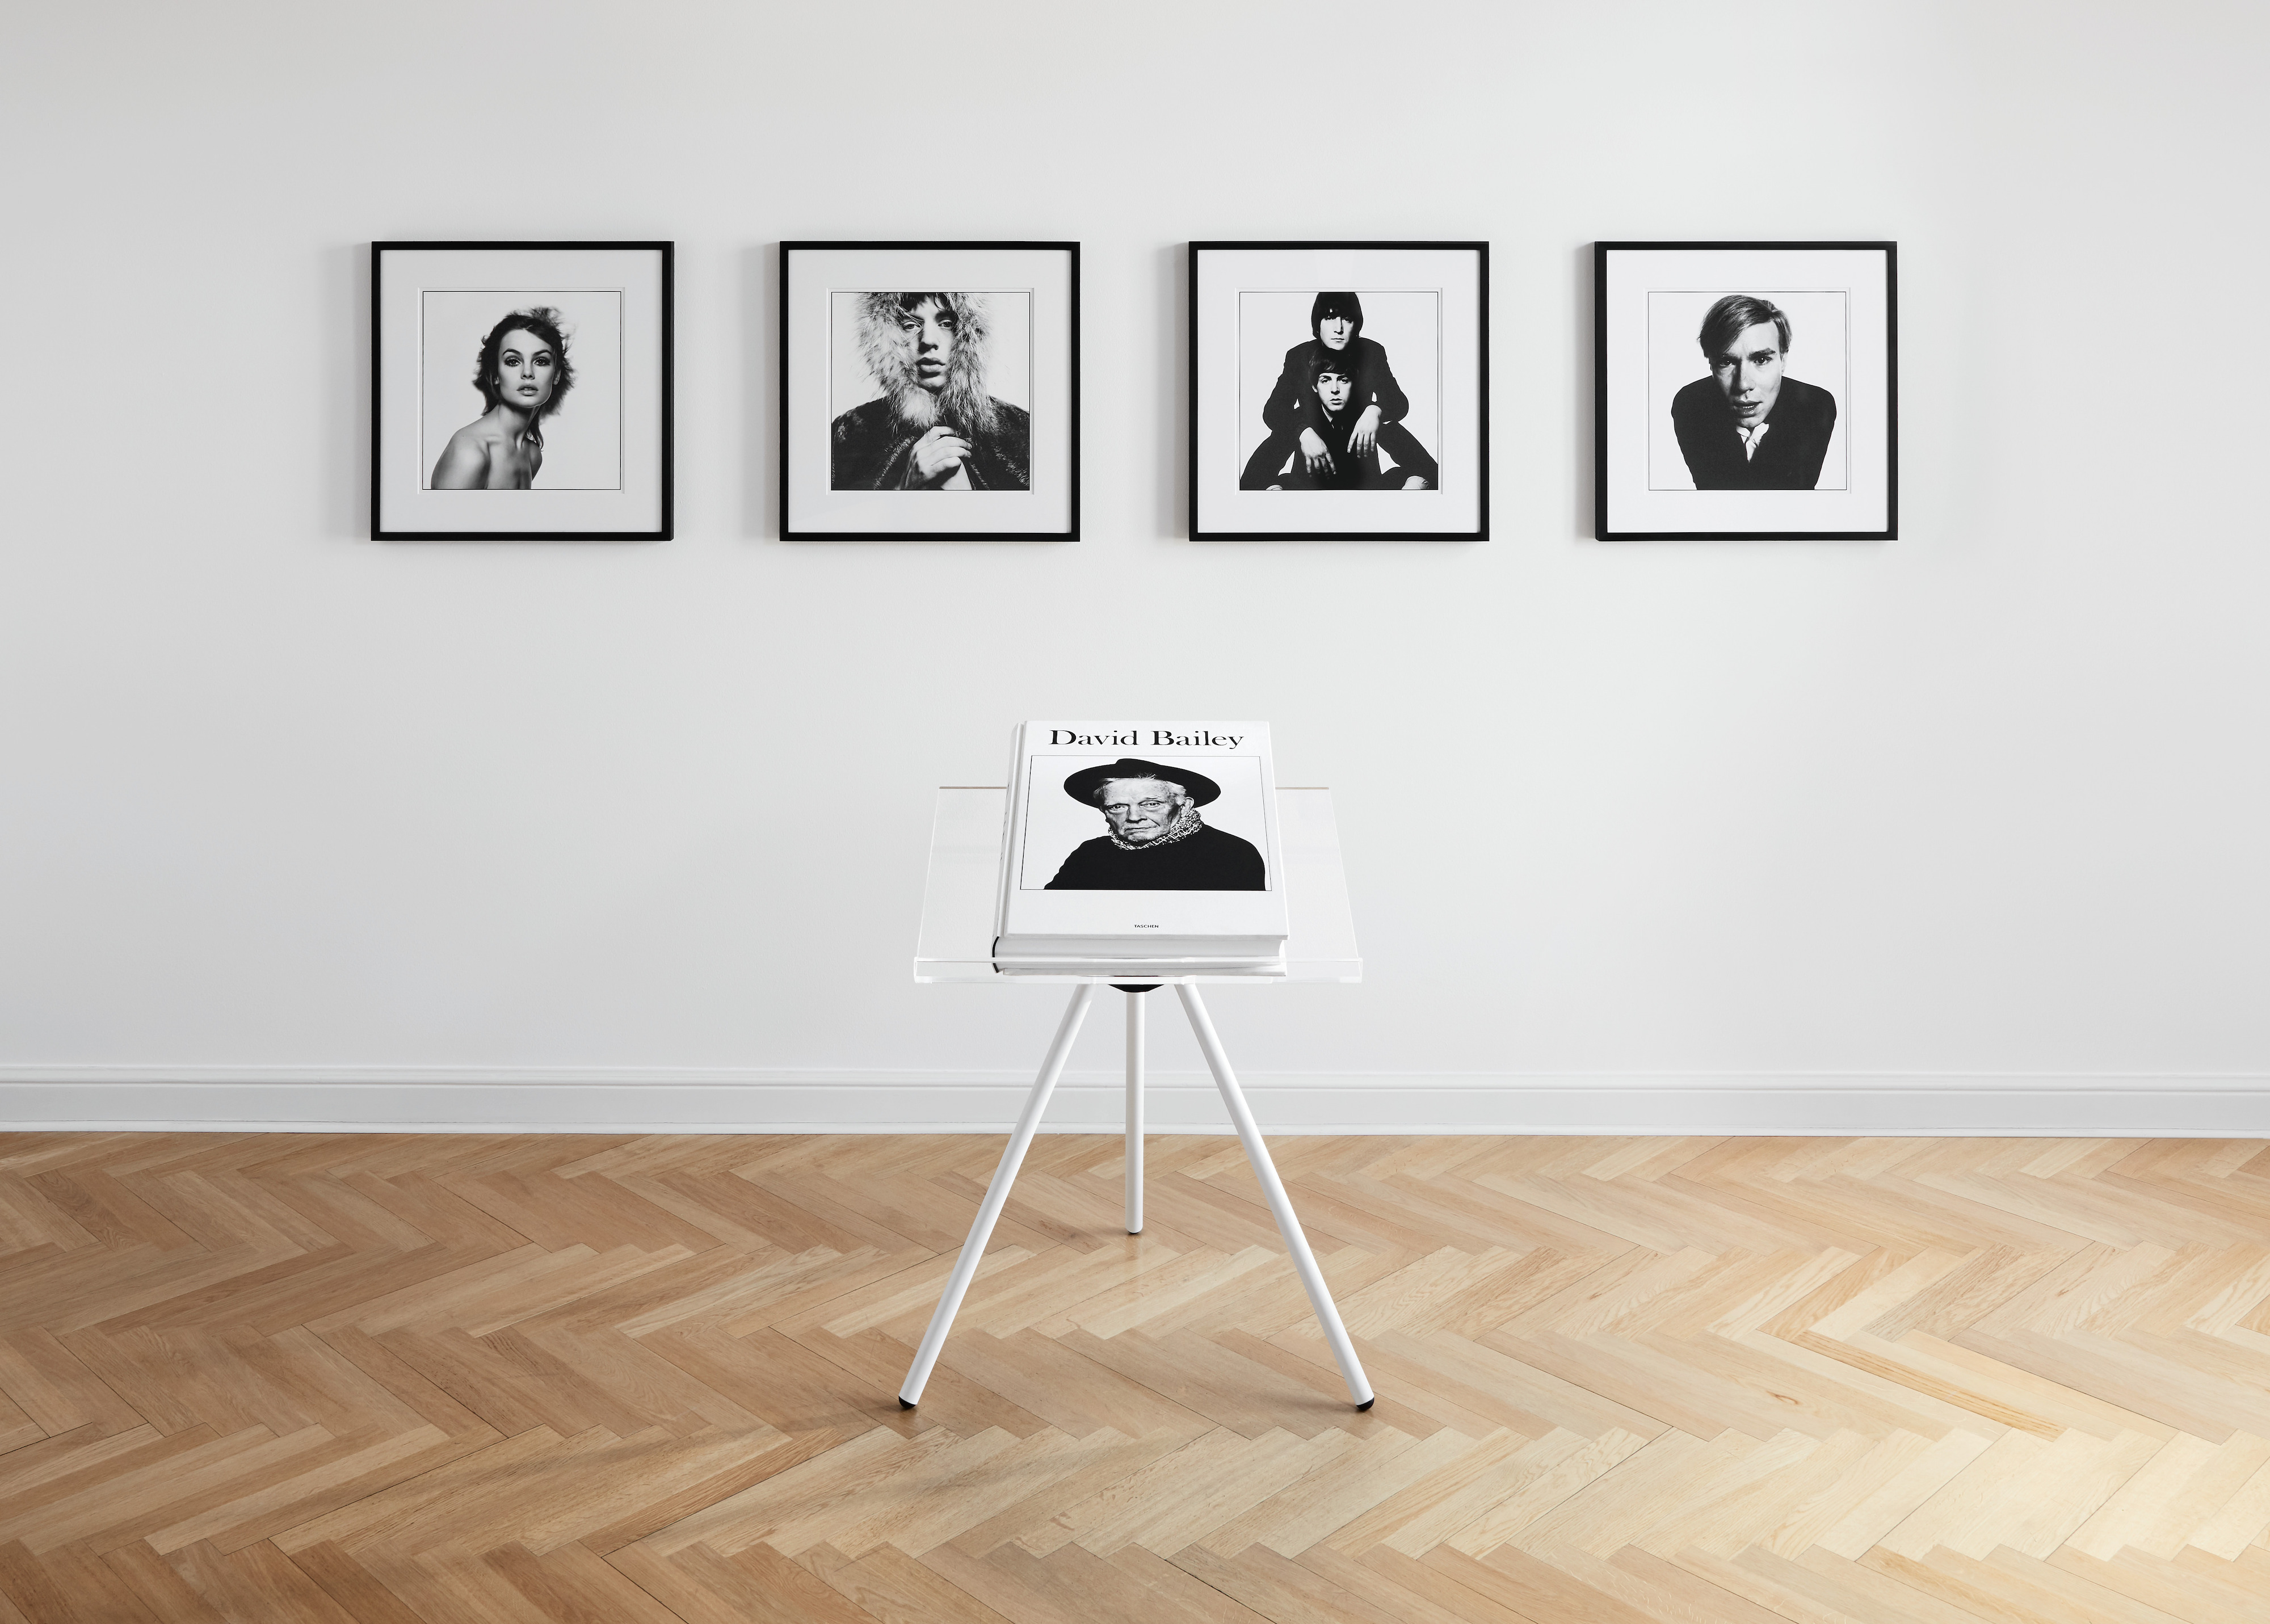 David Bailey SUMO book with photos of Jean Shrimpton, 1965; Mick Jagger, 1964; Andy Warhol, 1965